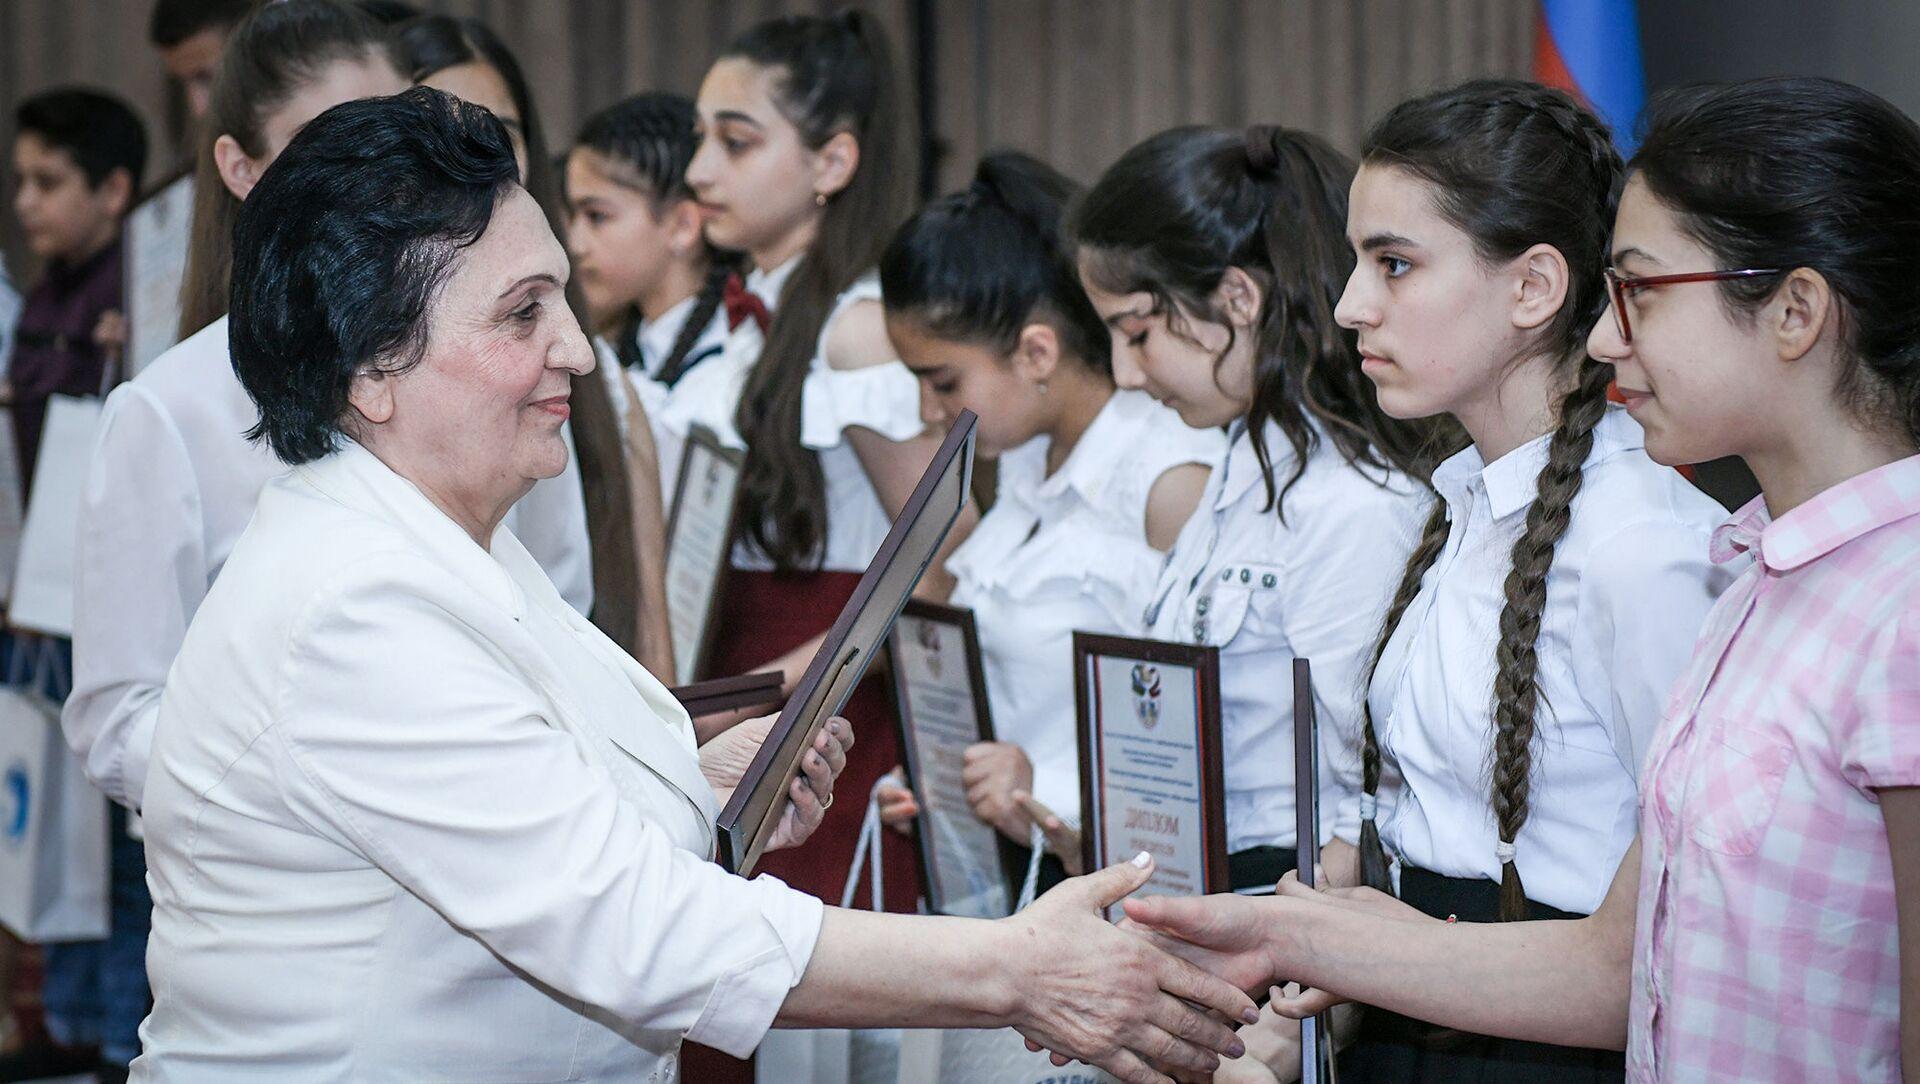 Ректор БСУ Нурлана Алиева вручает дипломы победителям олимпиады - Sputnik Азербайджан, 1920, 22.06.2021